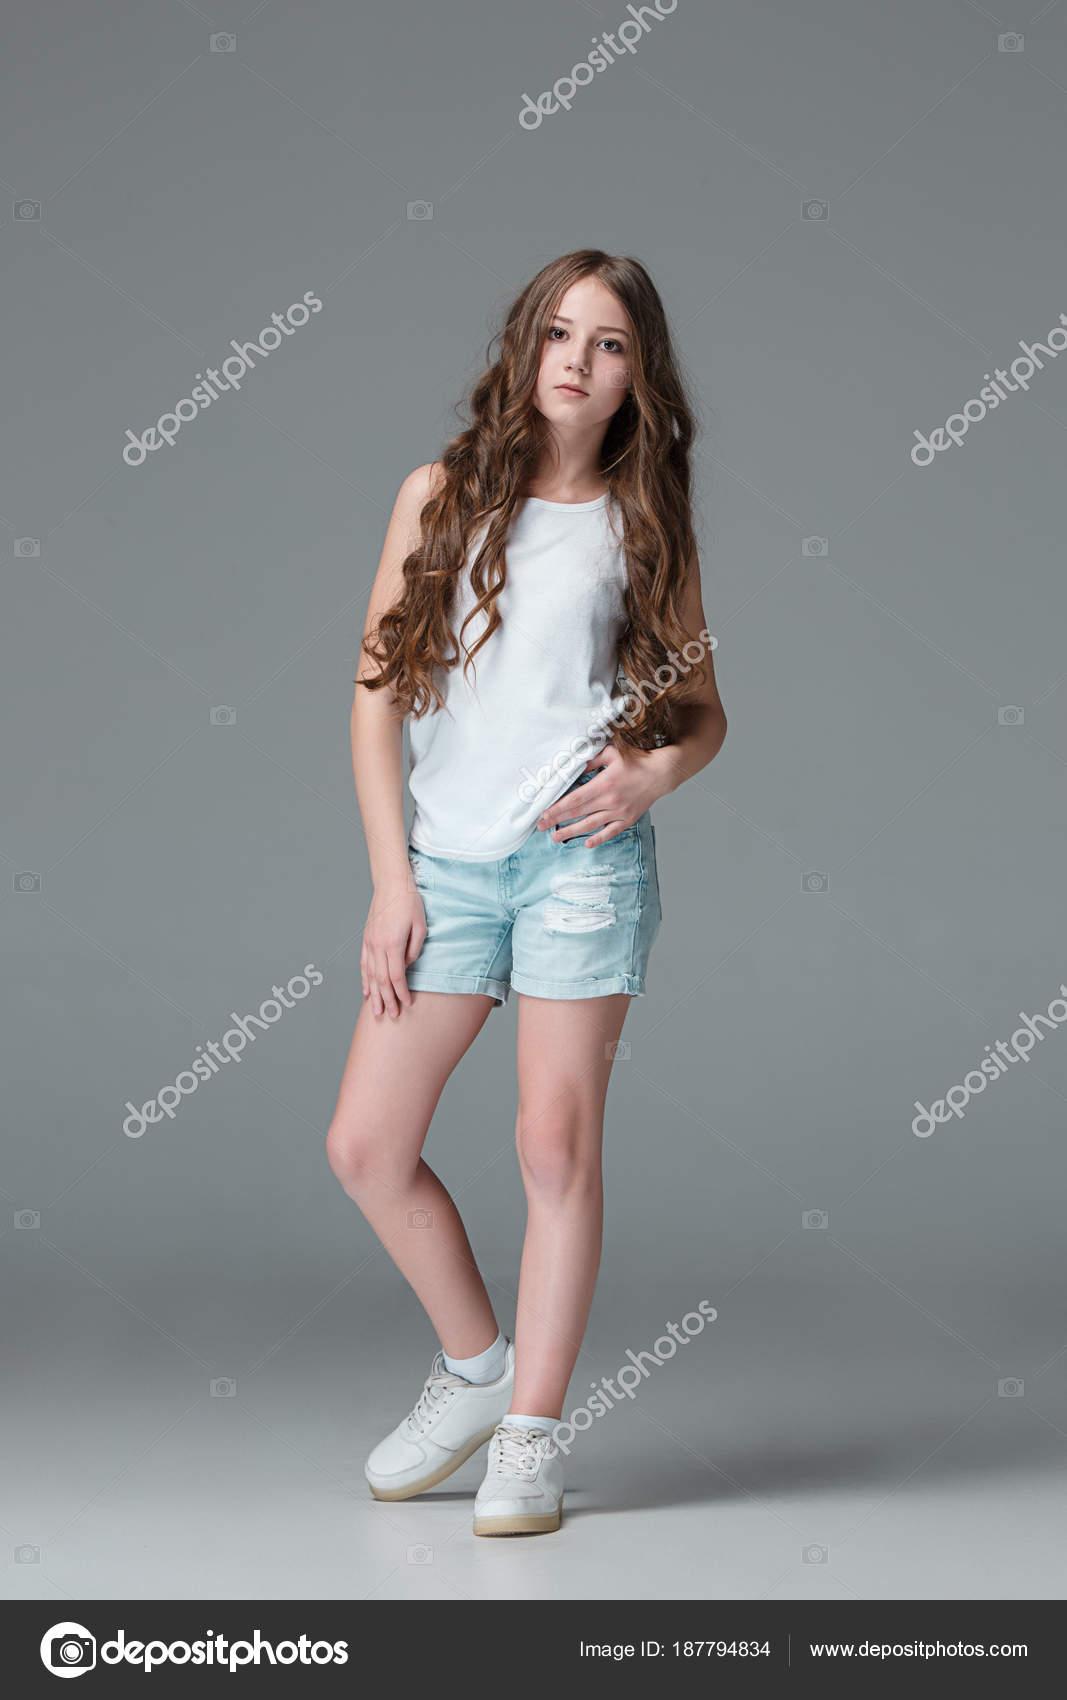 6028473d67e824 Tout au long de la jeune fille mince en short en Jean sur fond gris ...